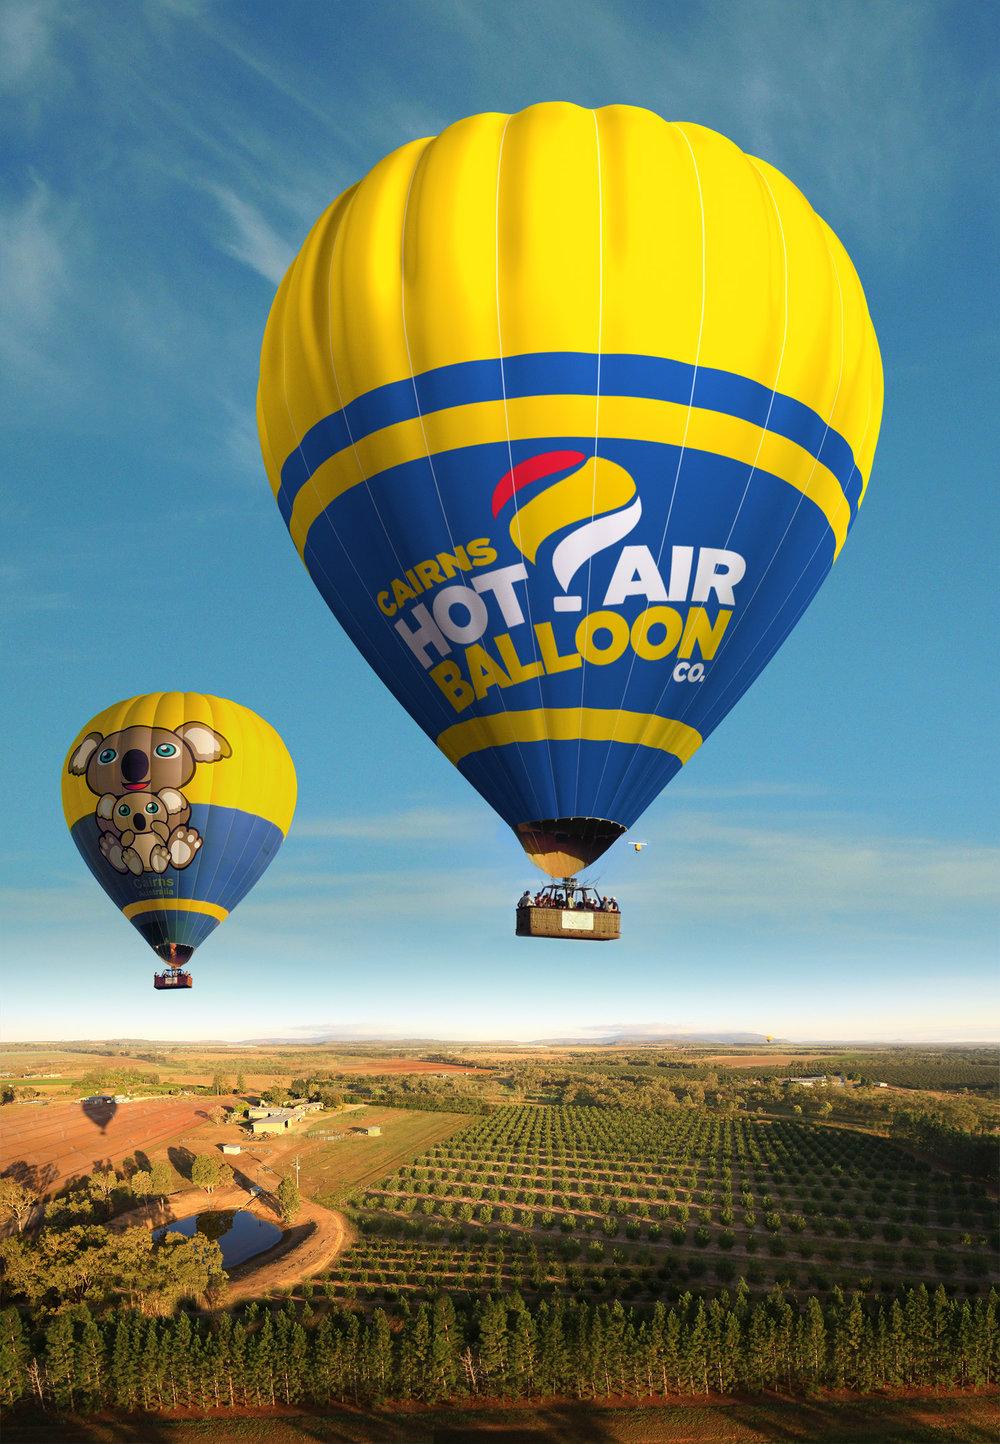 cairns_hot_air_balloon_co_farm.jpg